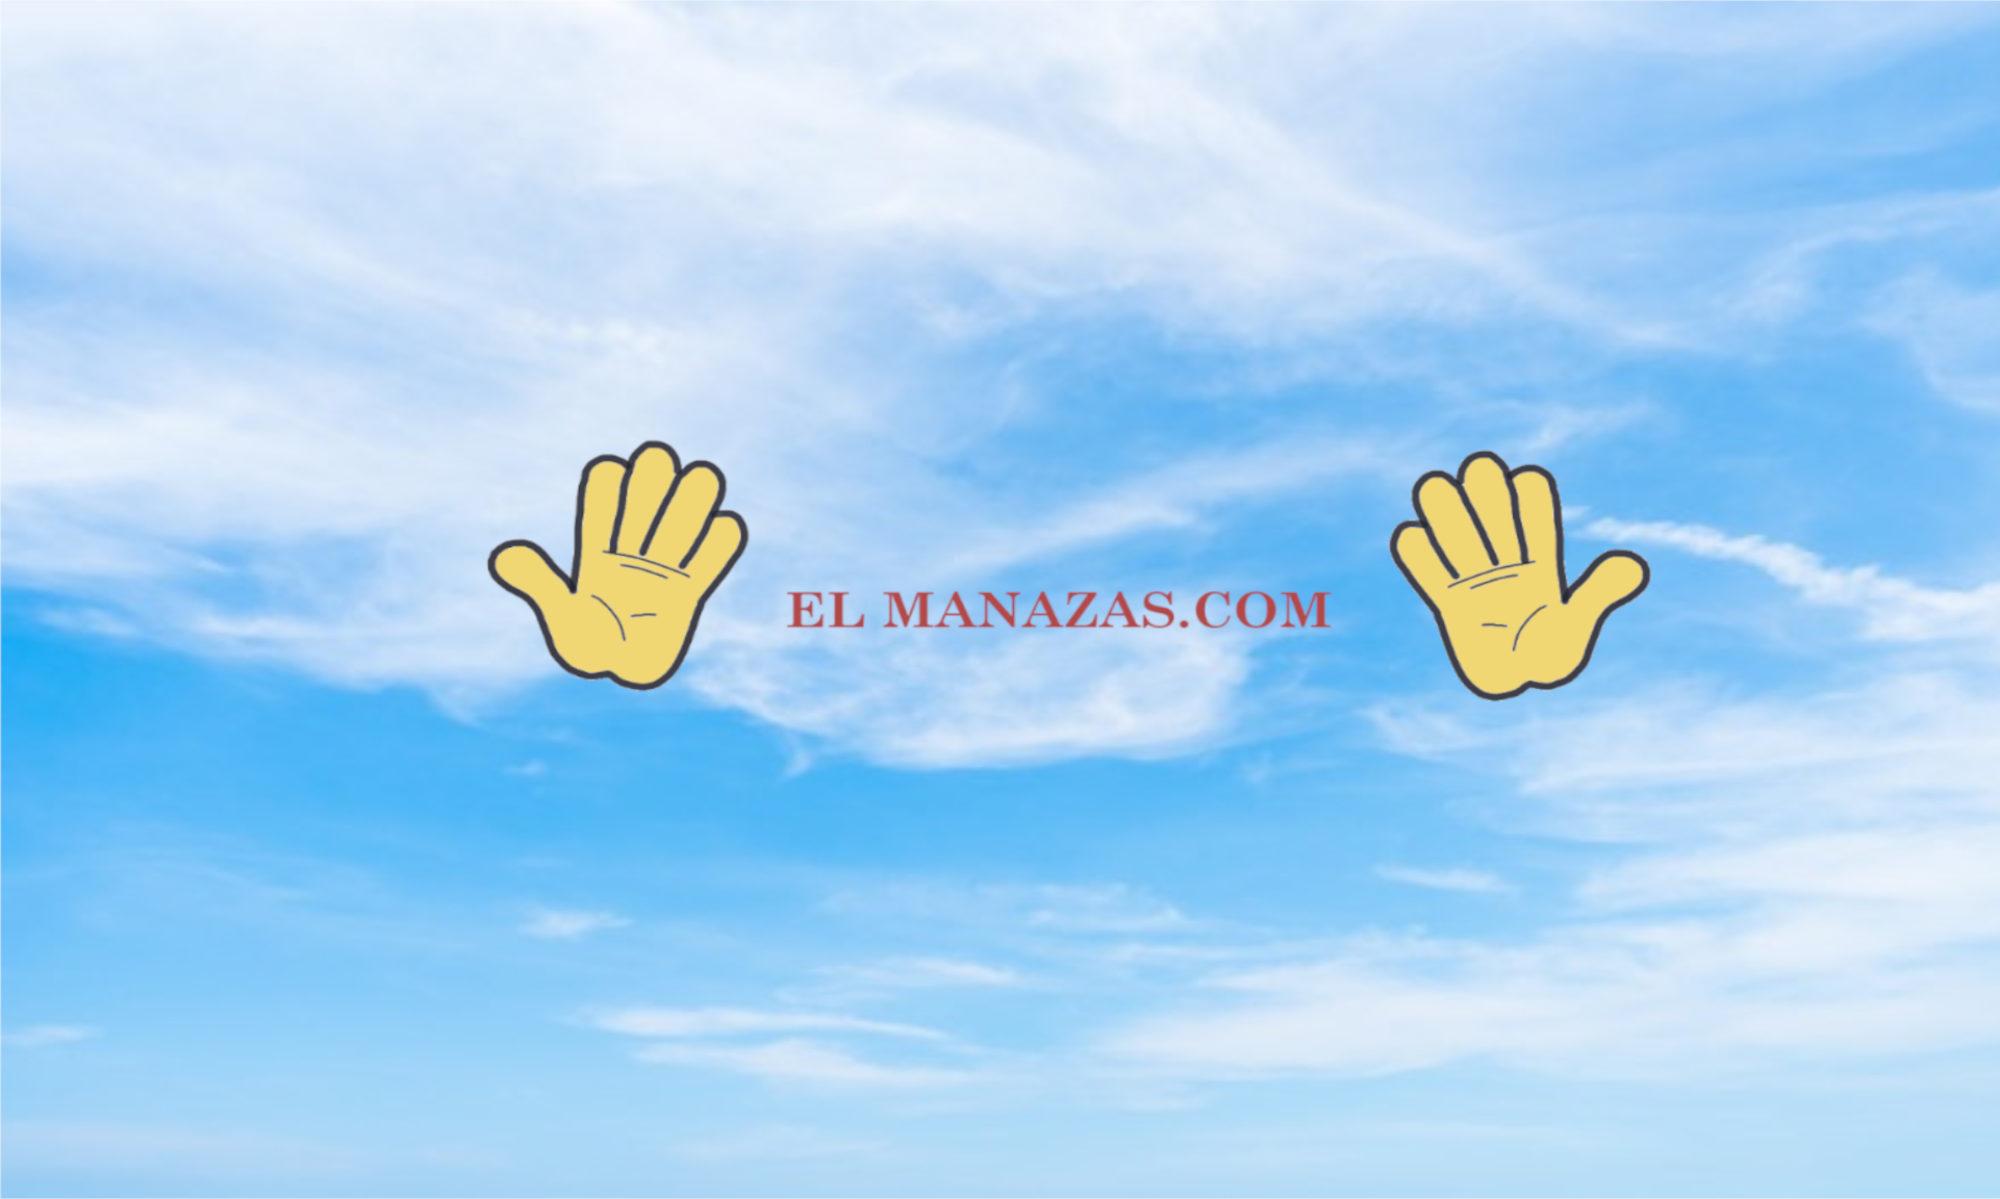 EL MANAZAS.COM